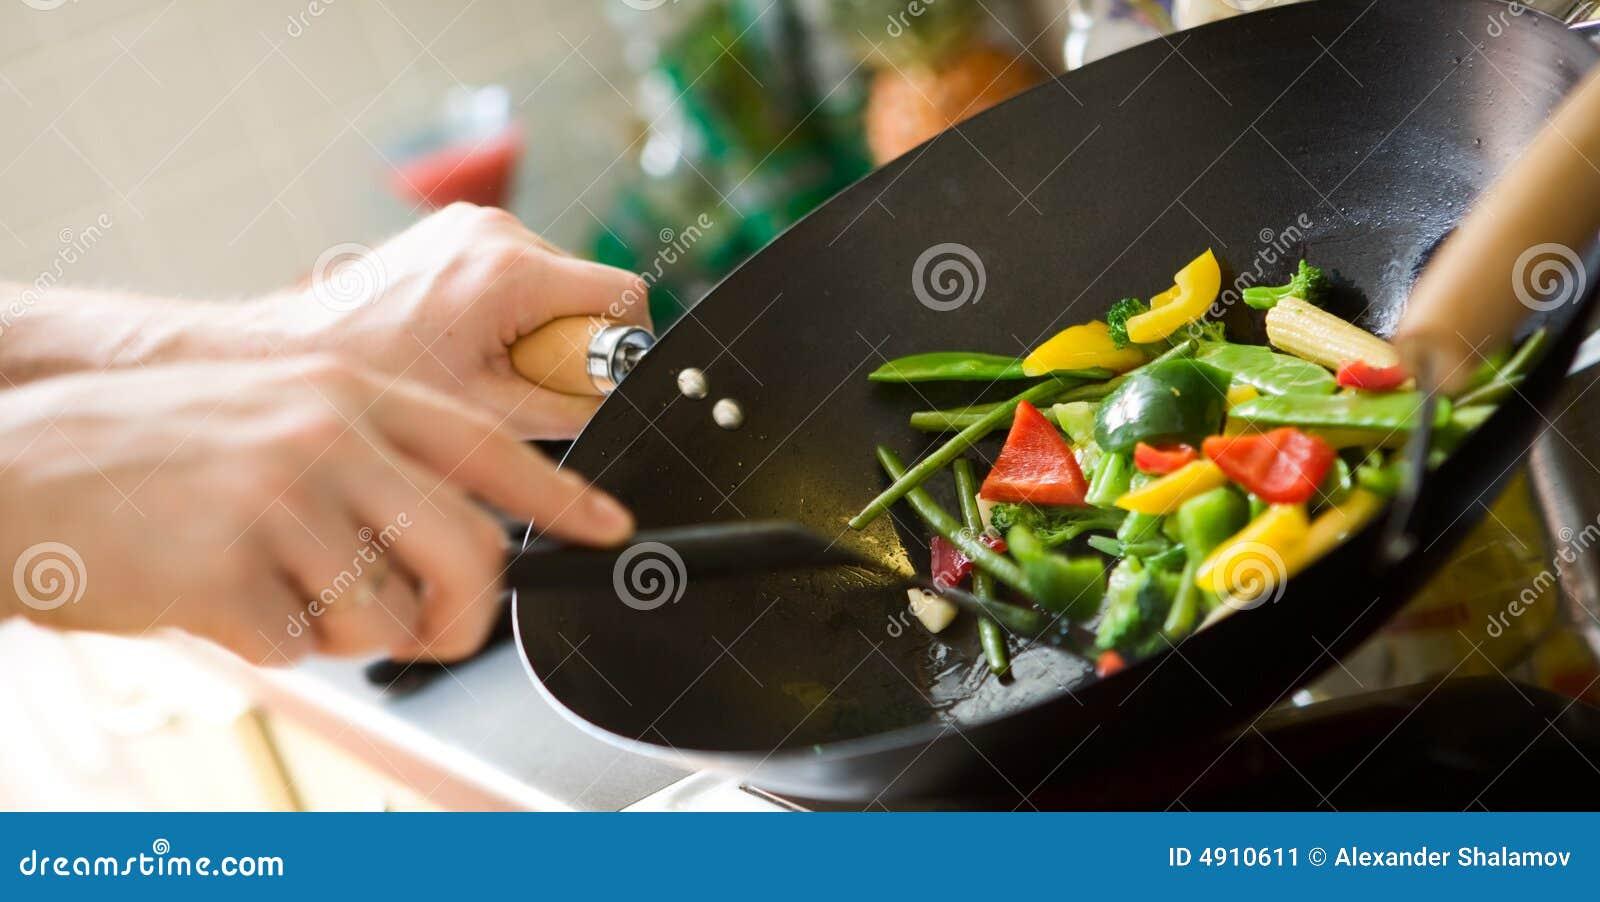 El cocinar del cocinero